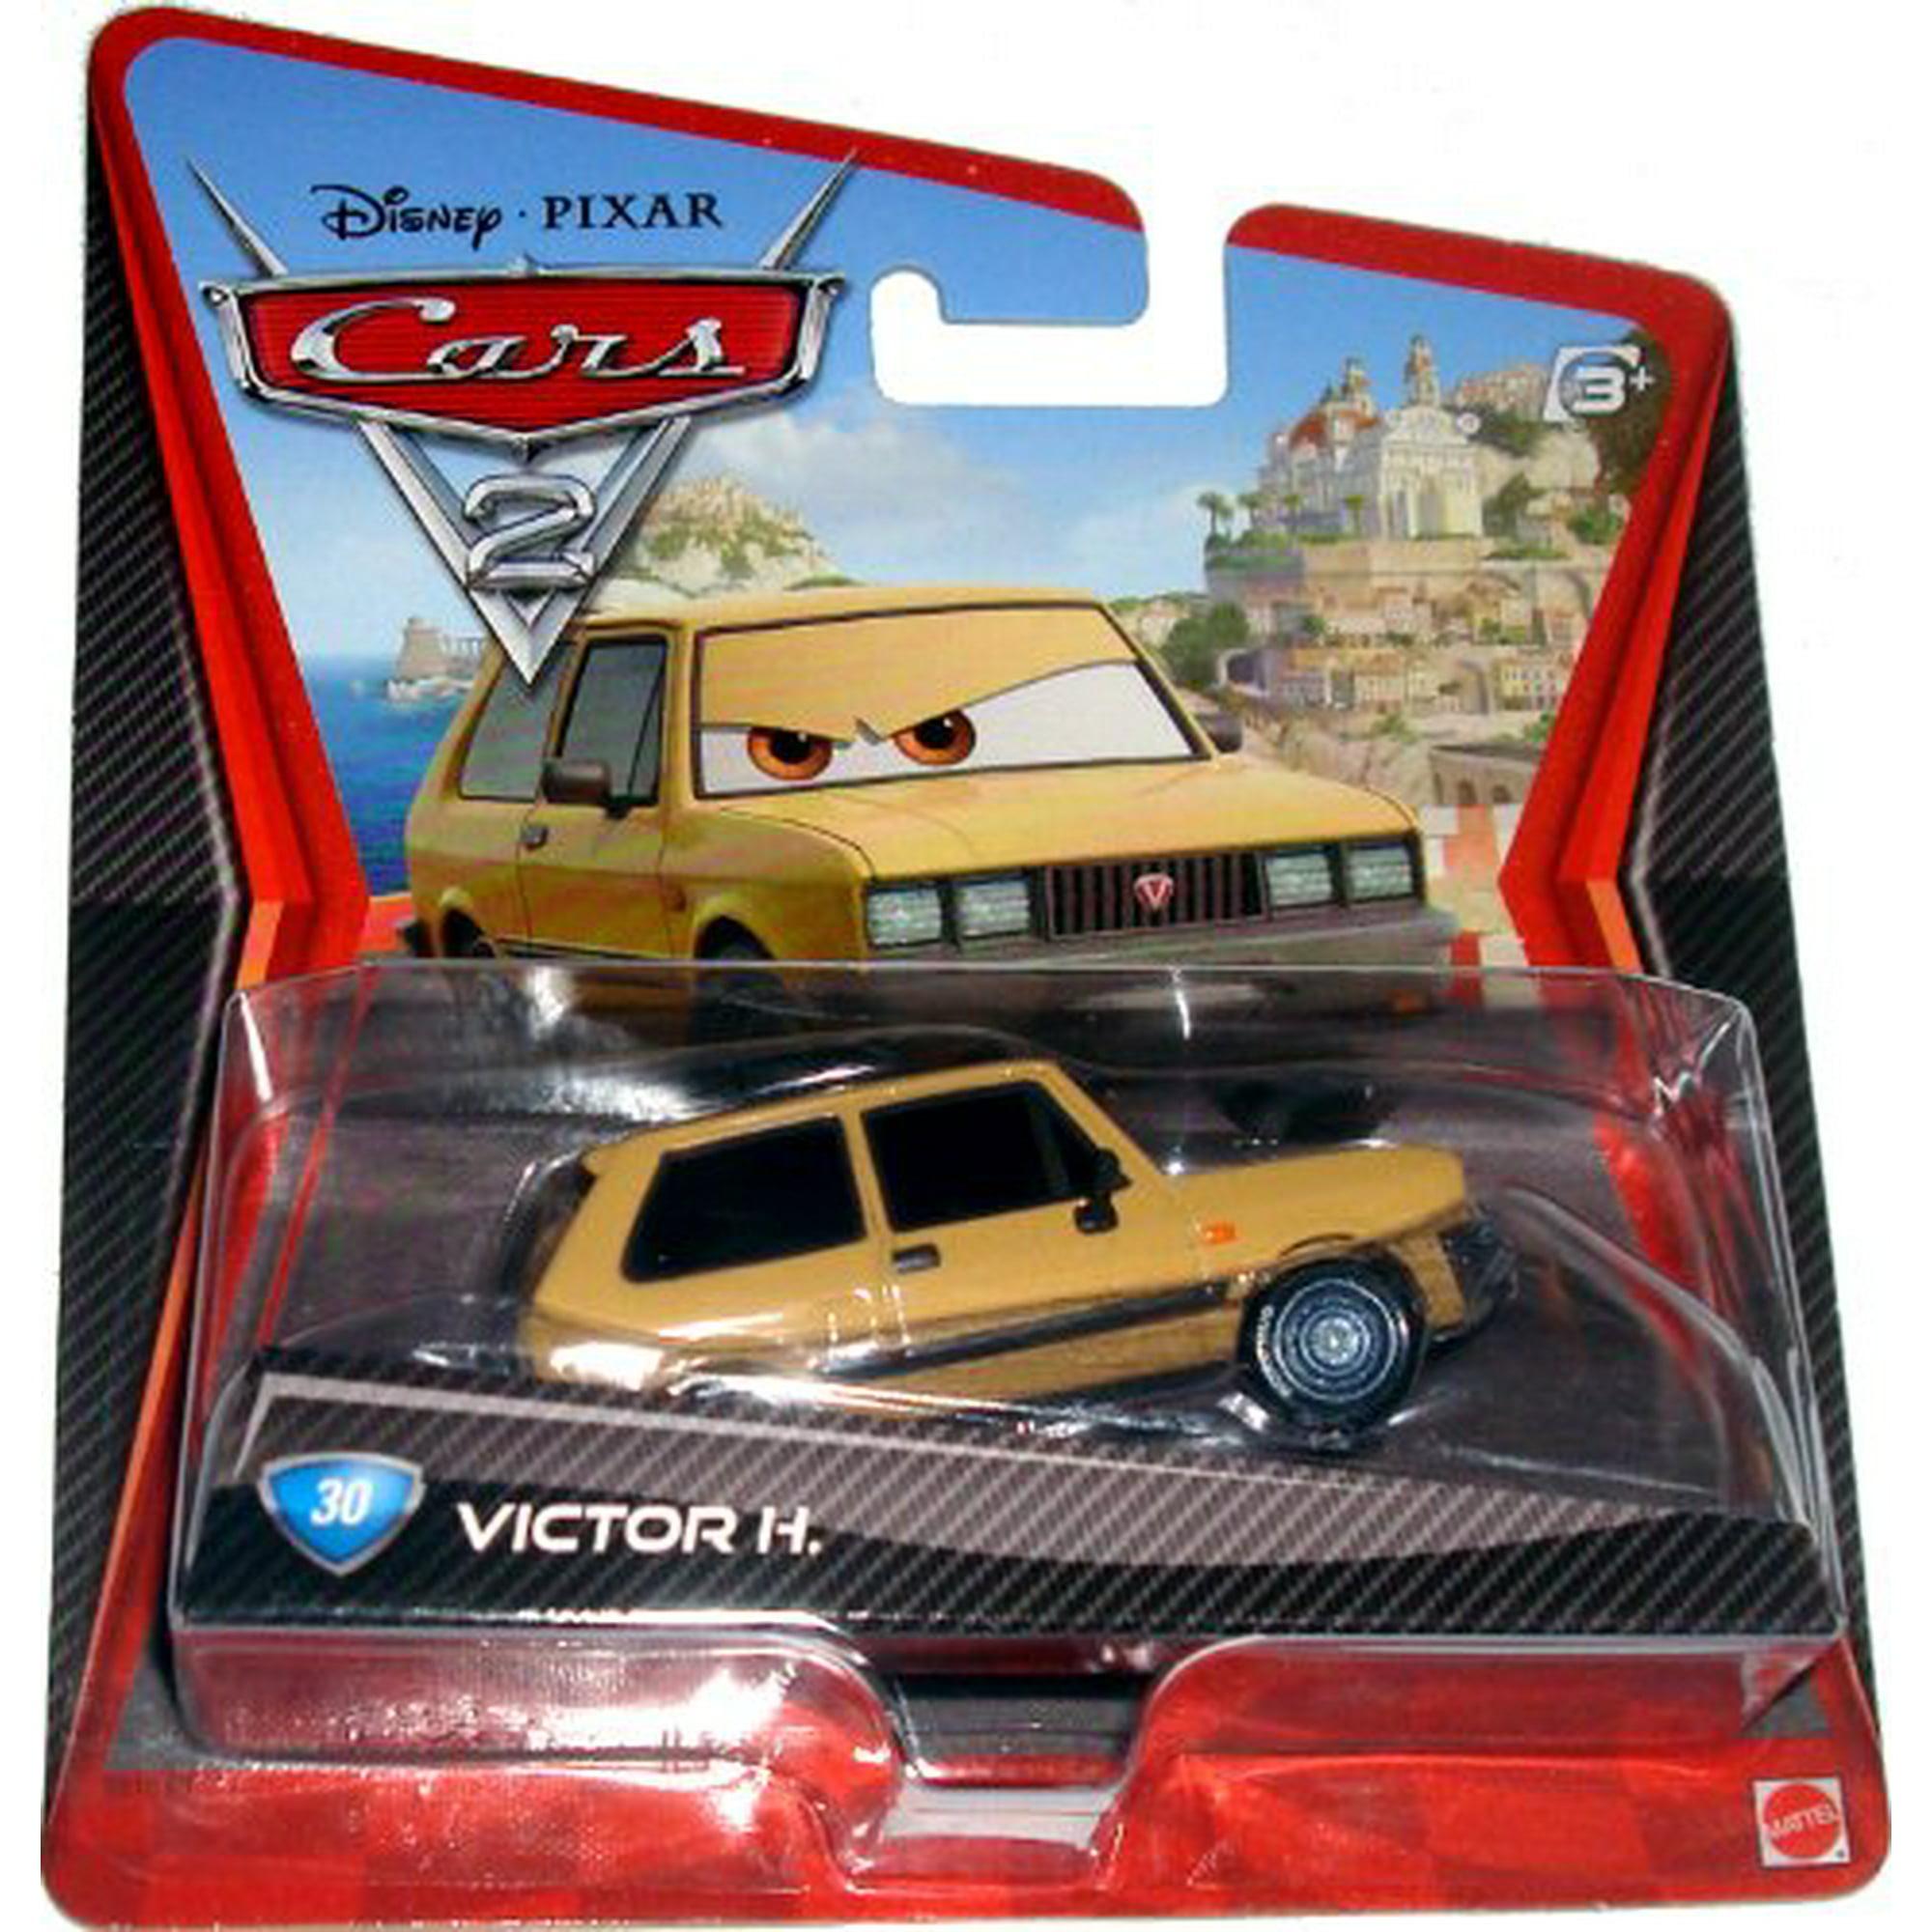 Disney Pixar Cars 2 Movie 155 Die Cast Car 30 Victor H